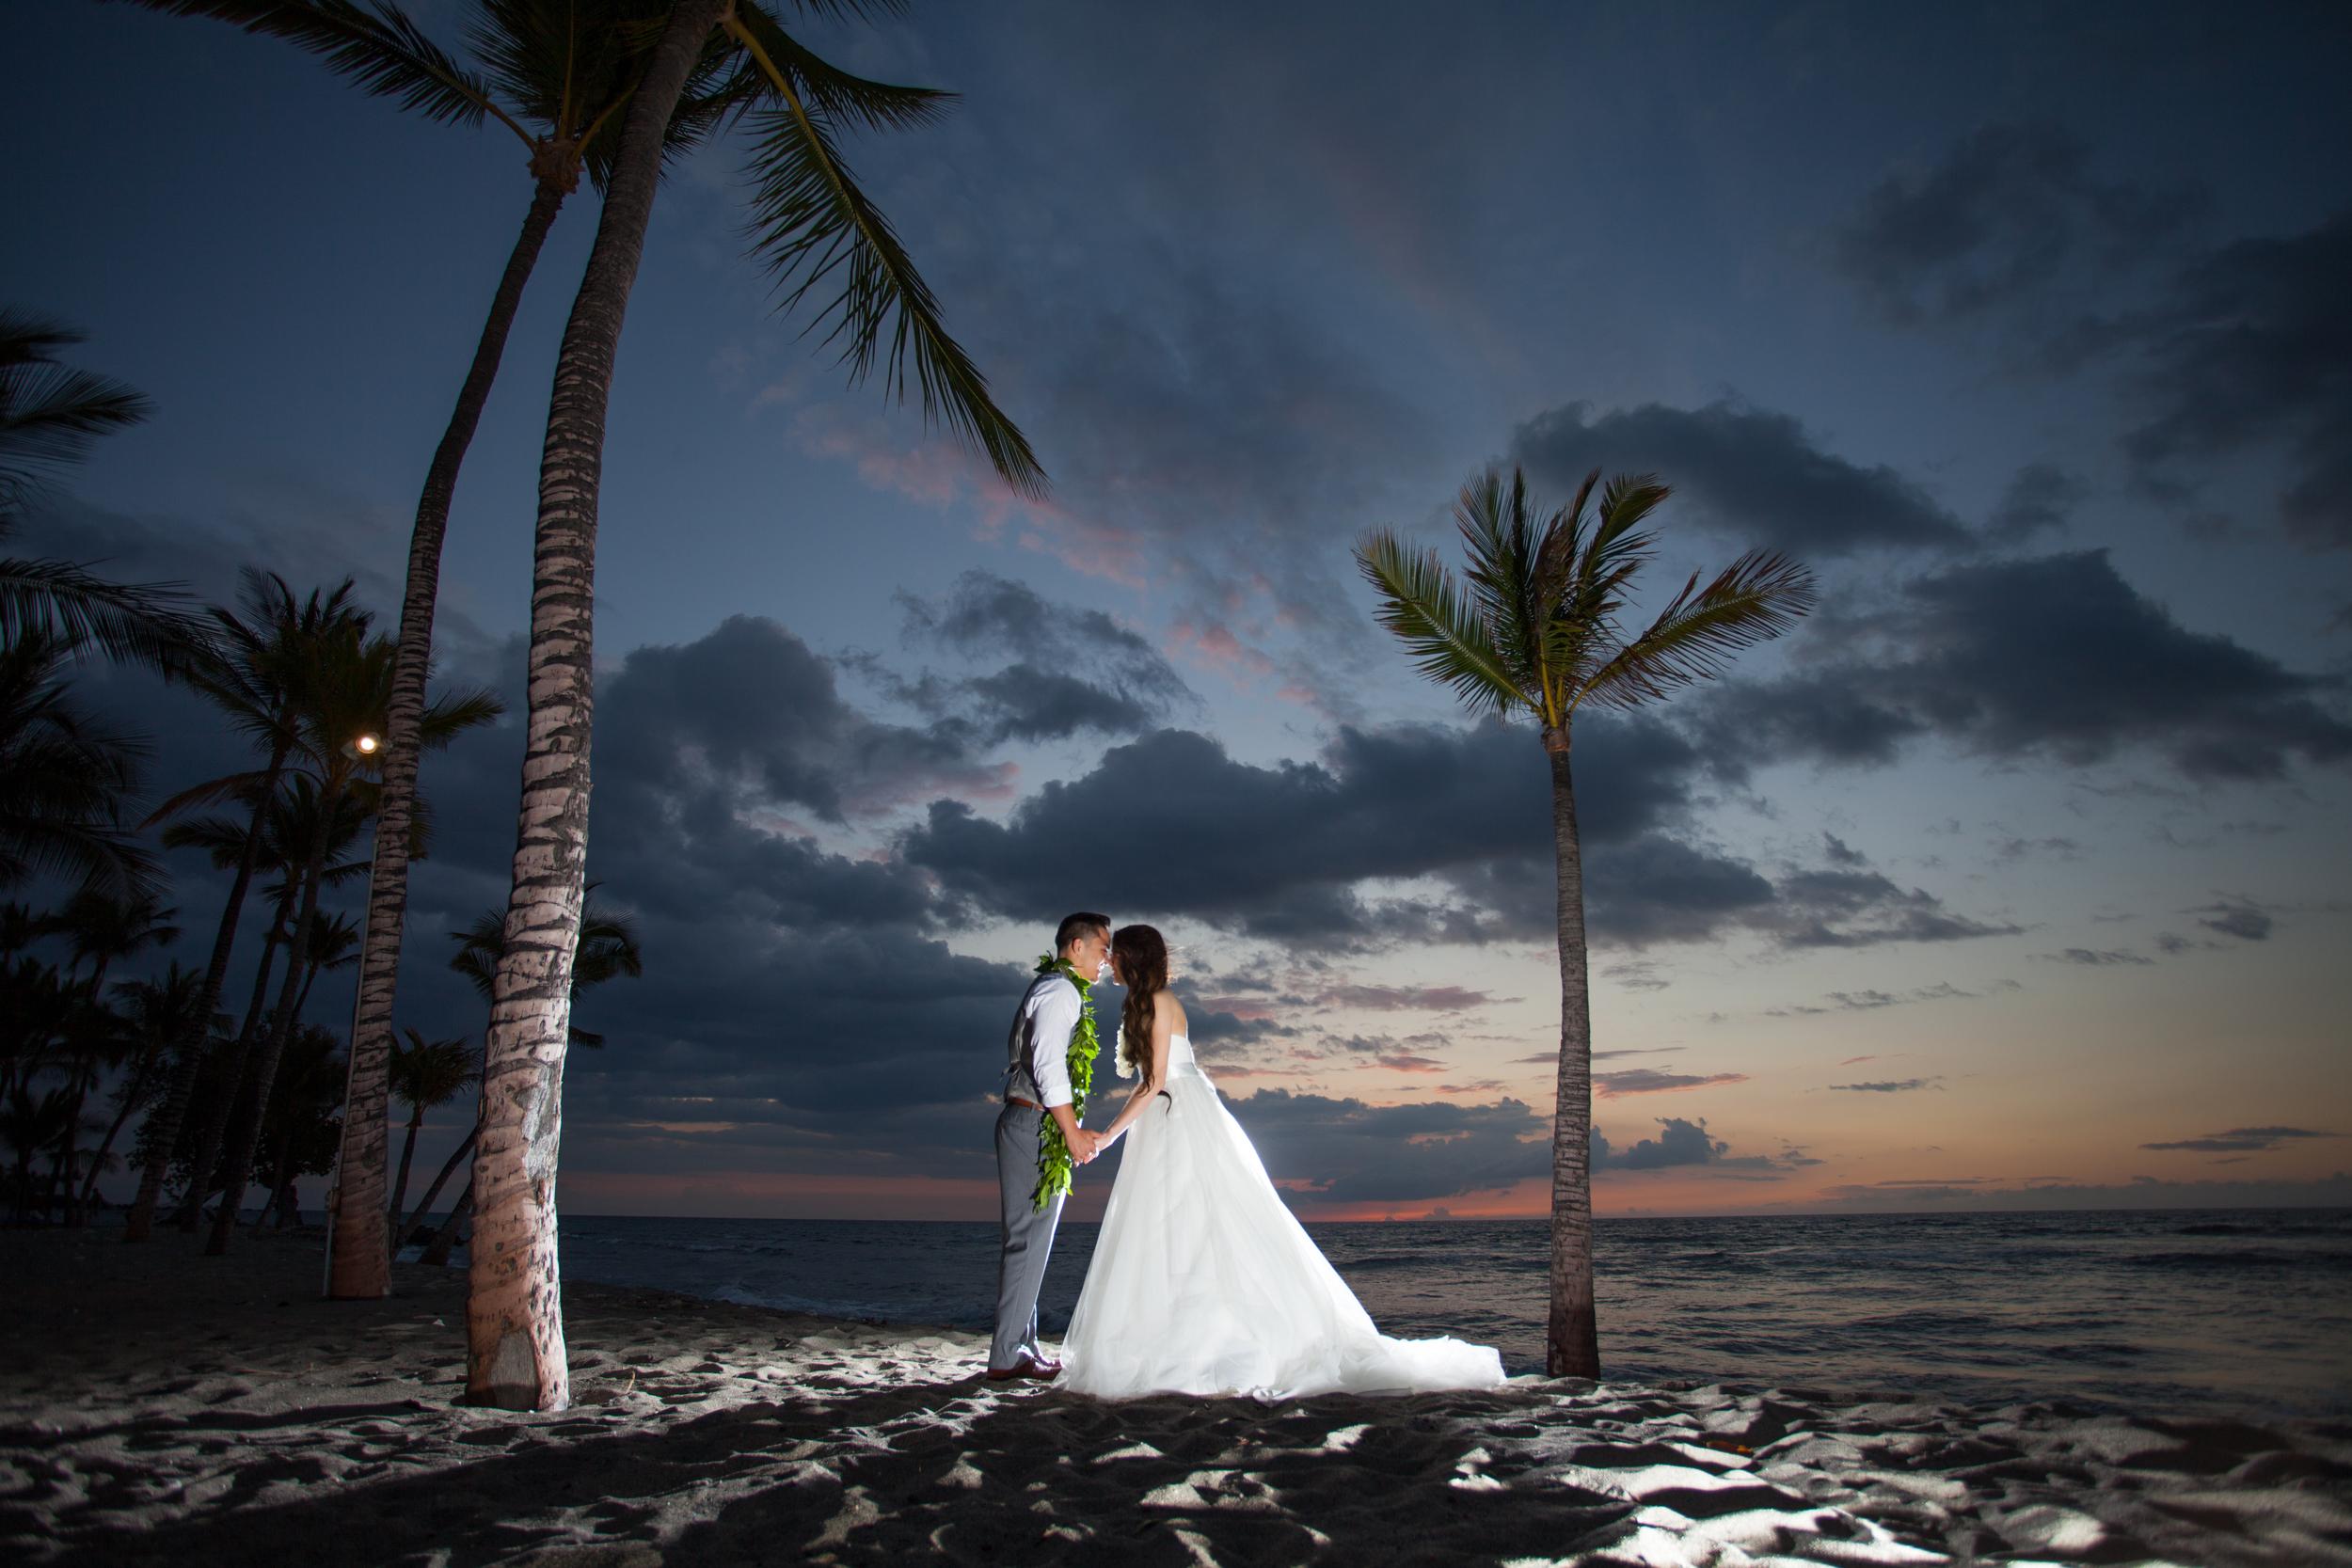 big island hawaii mauna lani resort wedding © kelilina photography 20160523190020-1.jpg